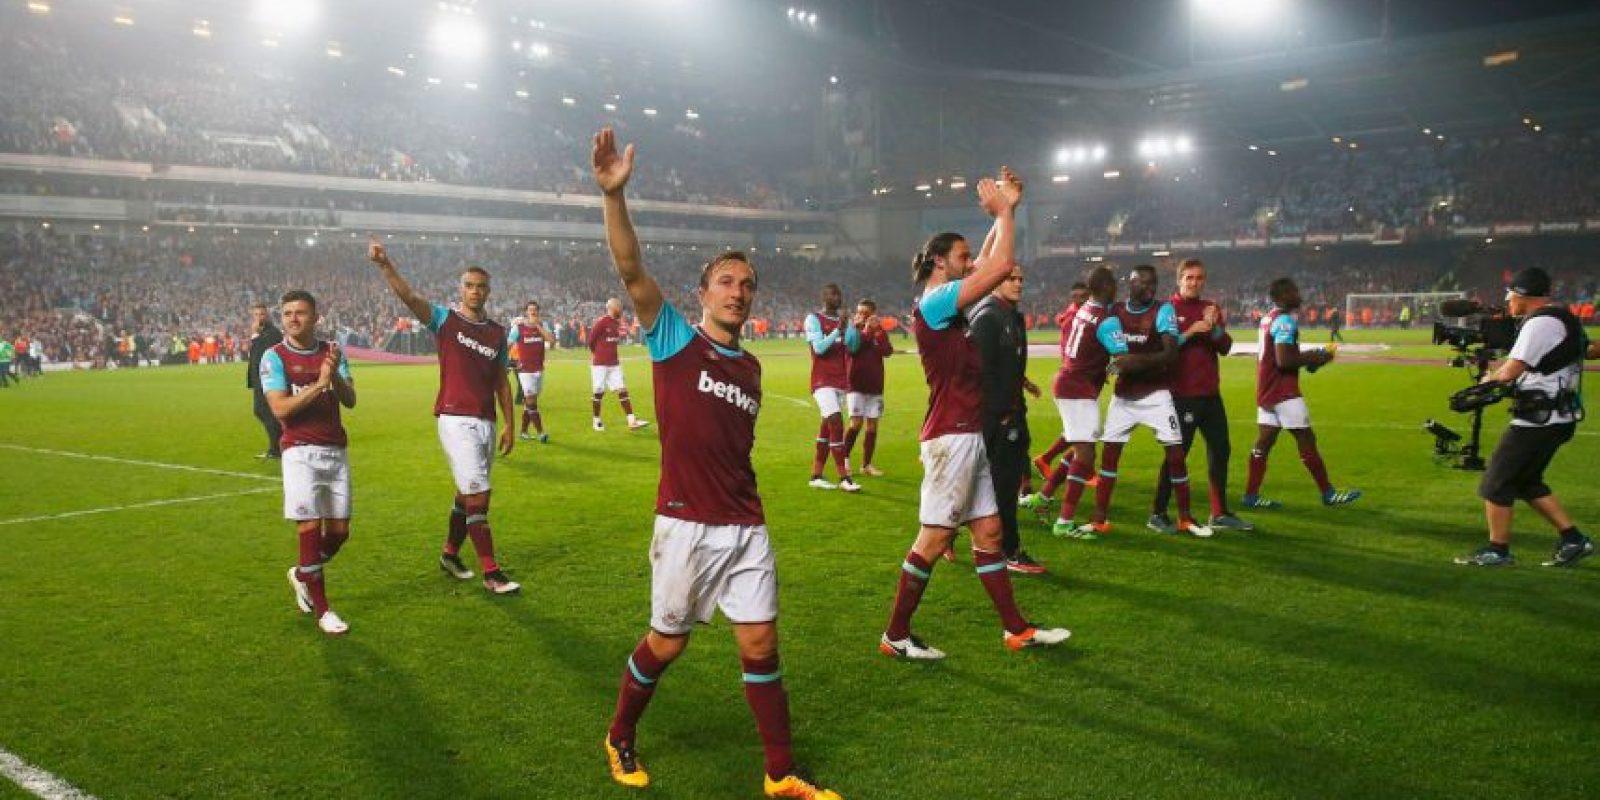 Ahora jugarán en el Estadio Olímpico de Londres Foto:Getty Images